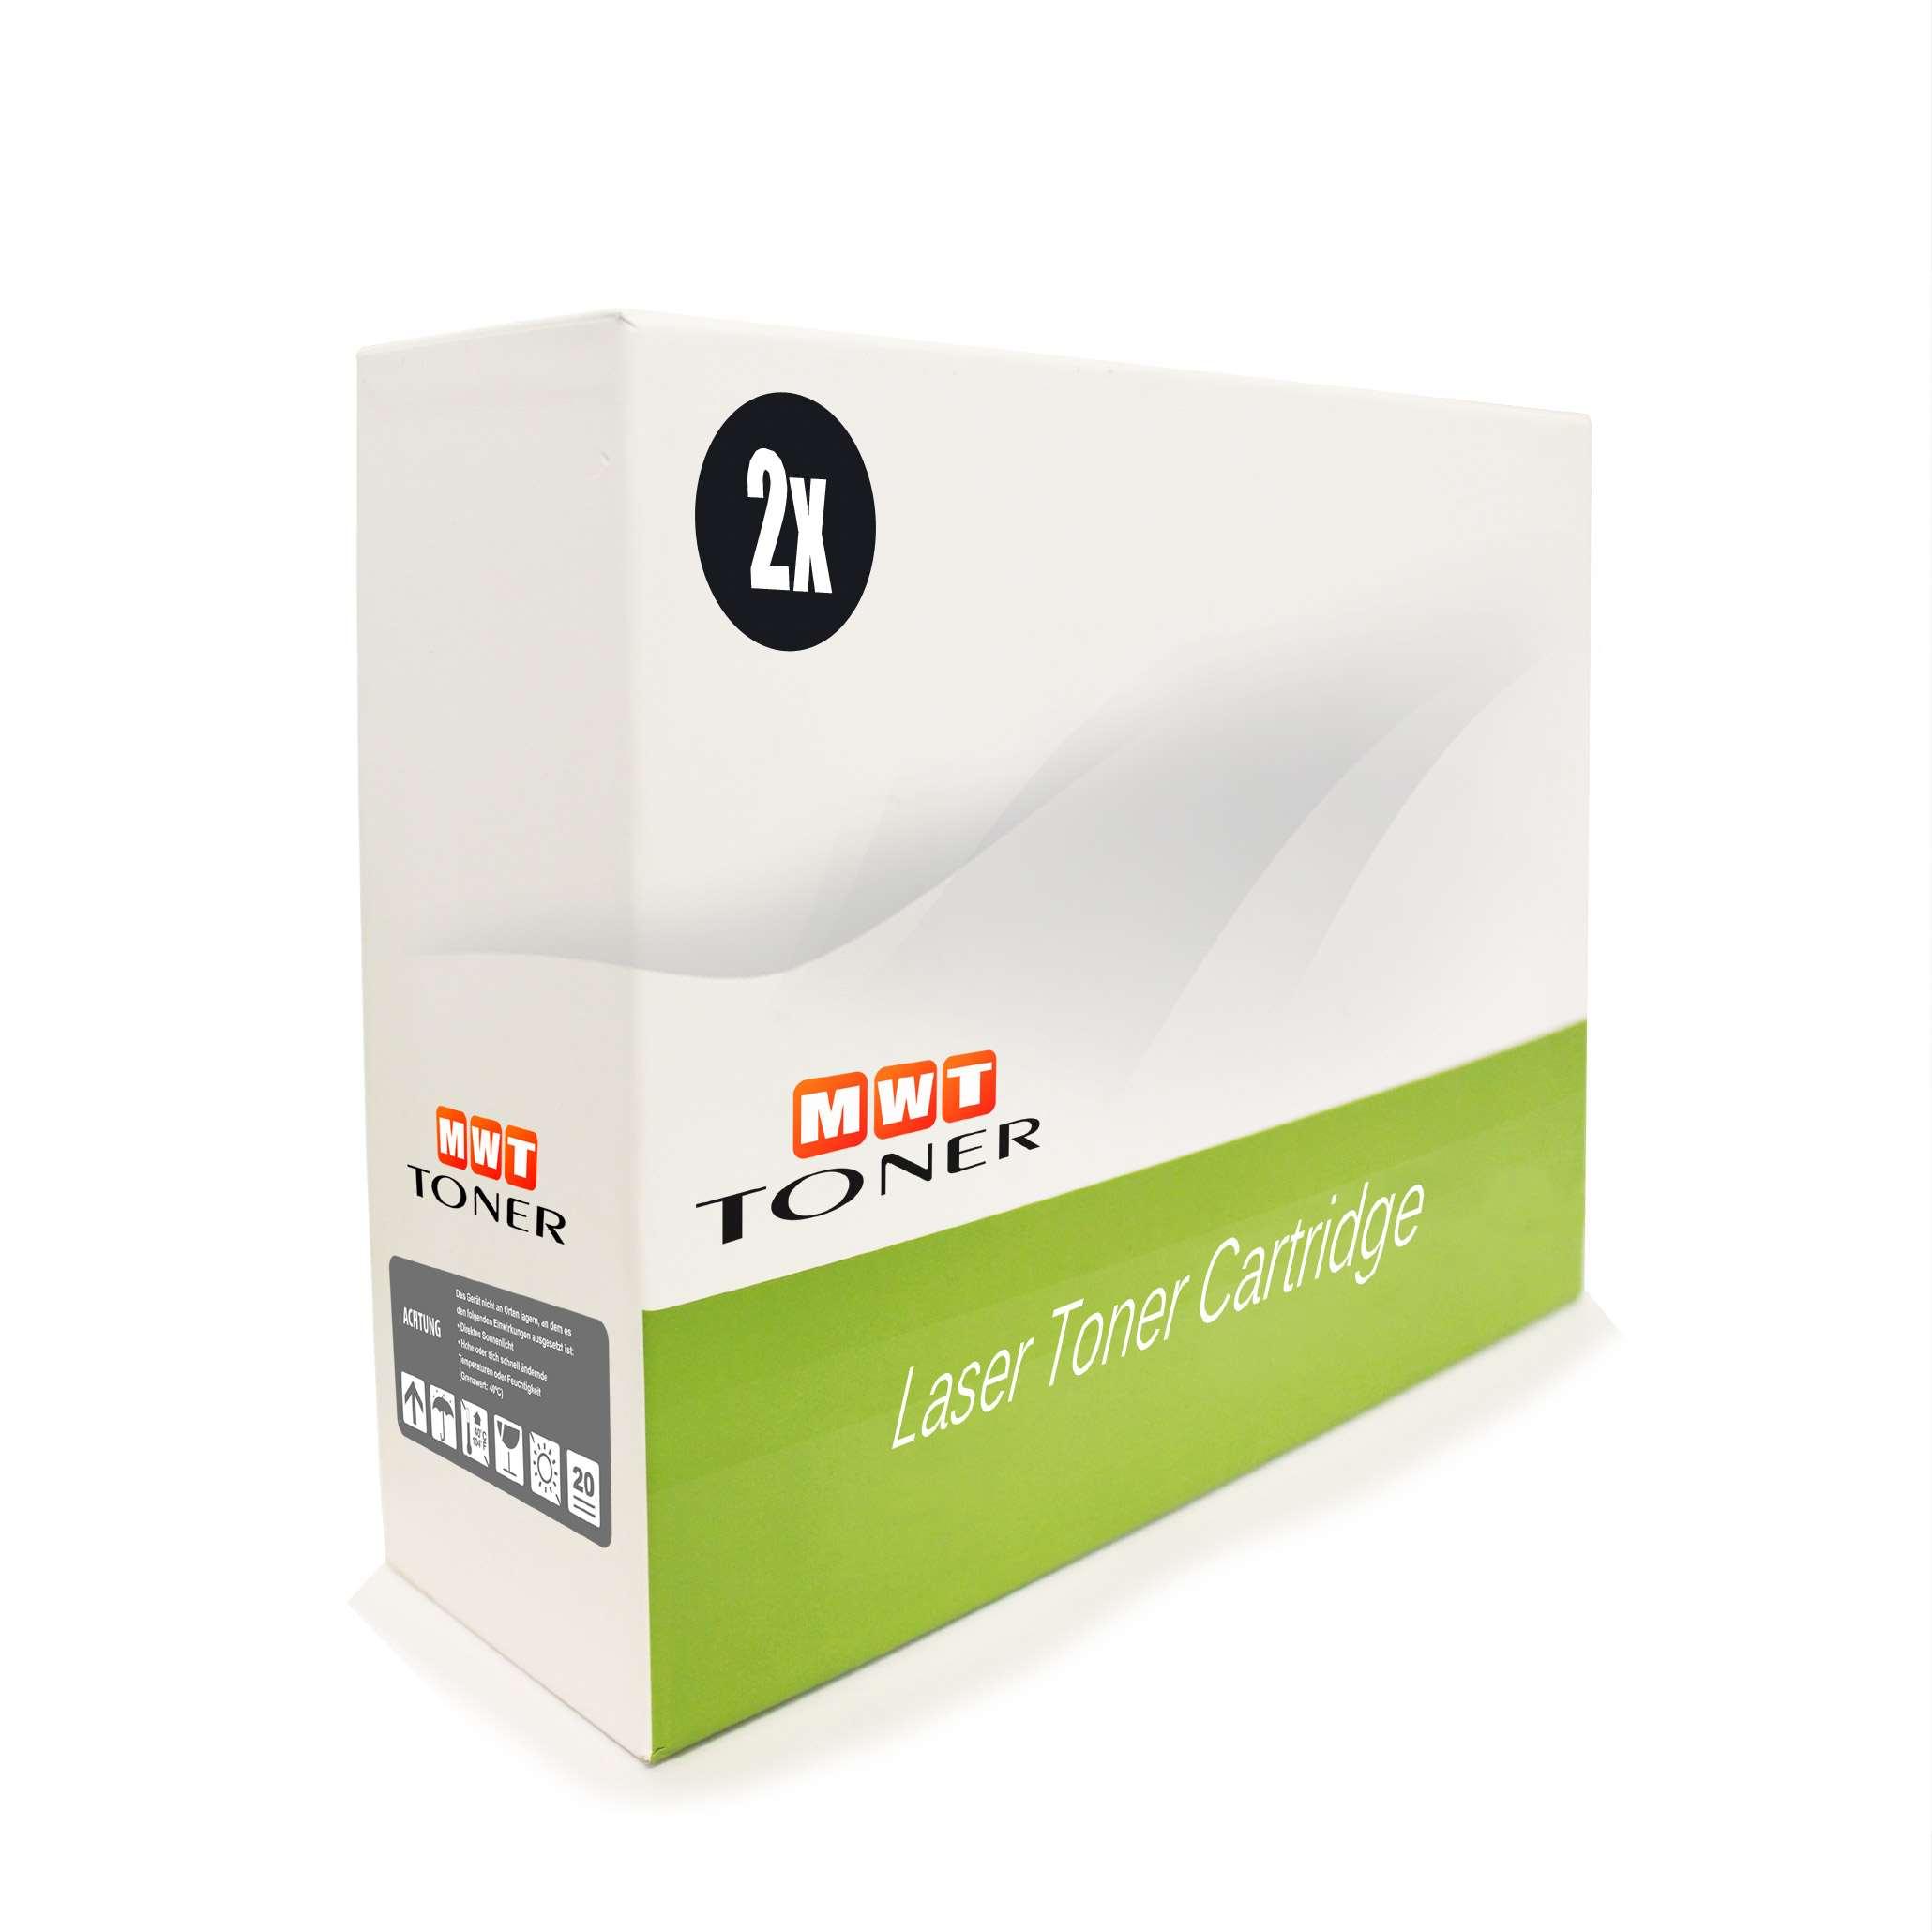 2x MWT Toner ersetzt HP Q2612A 12A